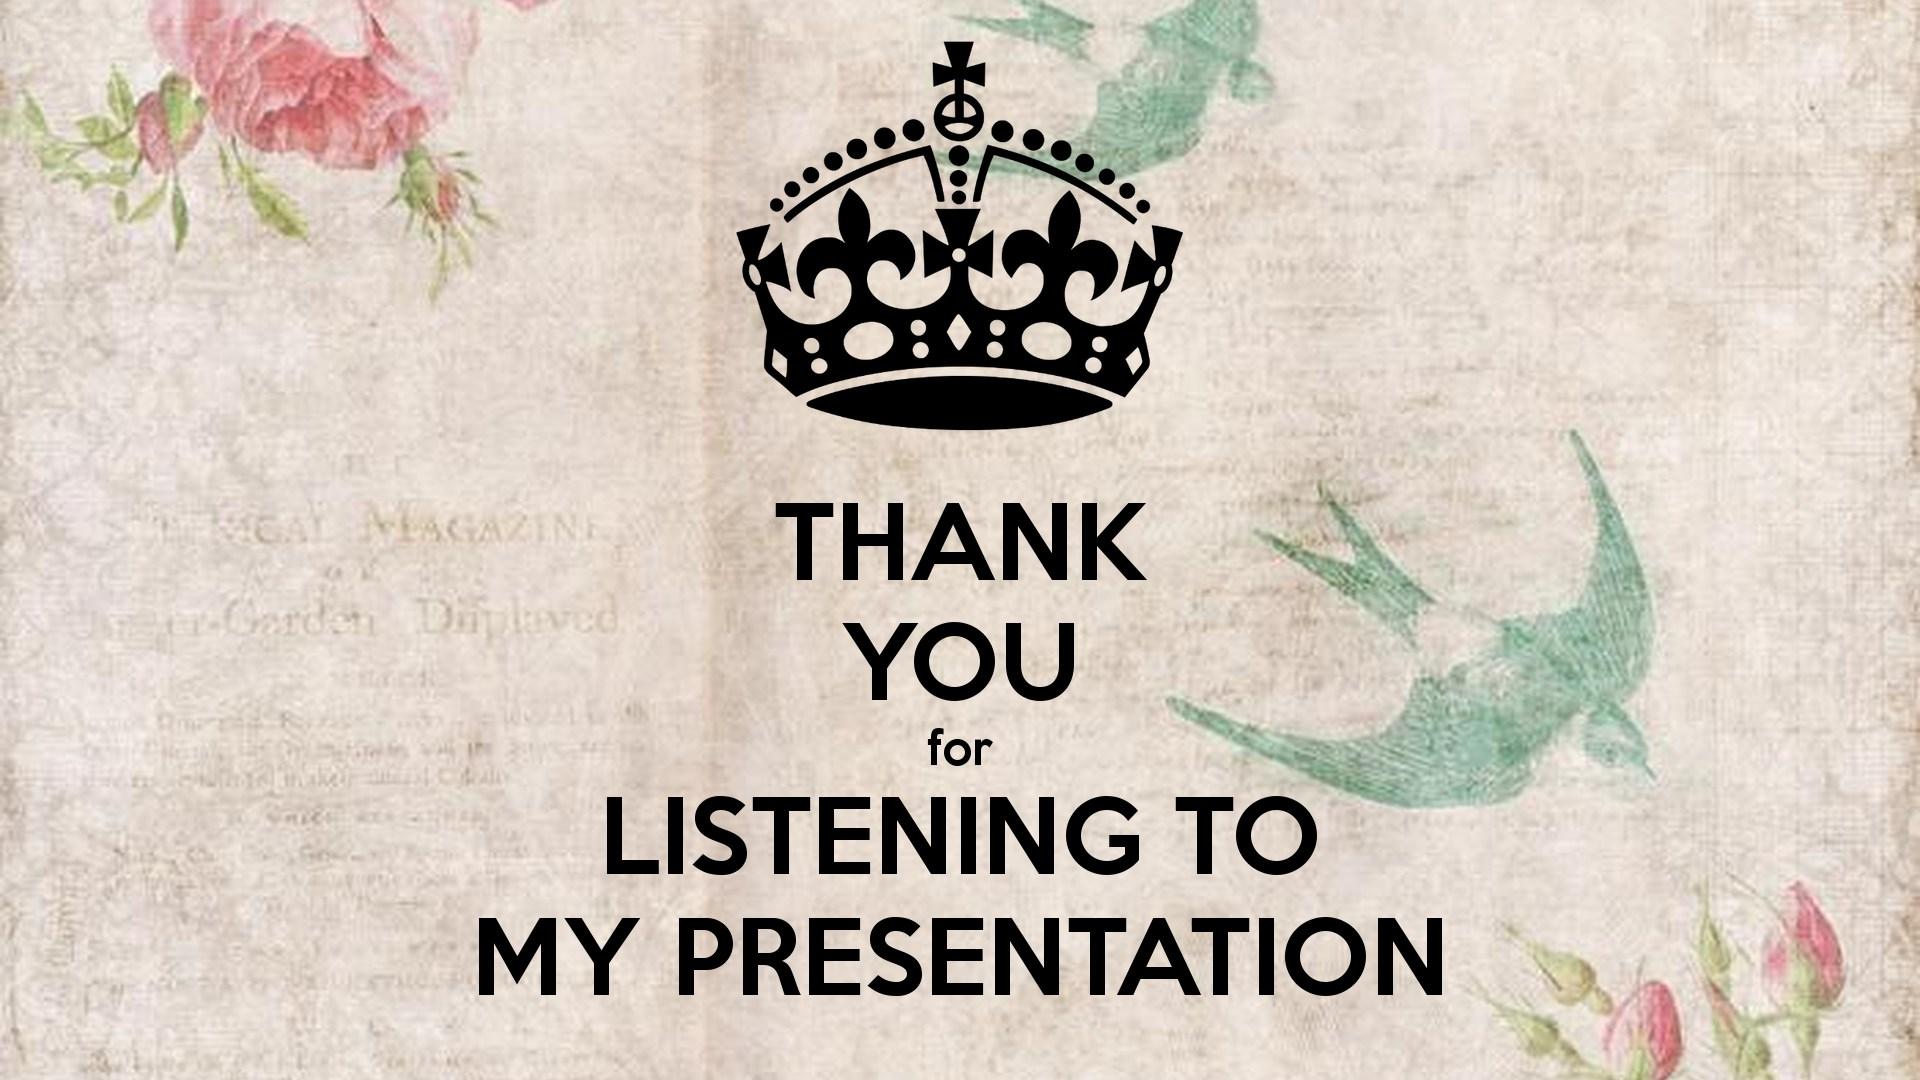 Hình ảnh cảm ơn đã lắng nghe bài thuyết trình powerpoint